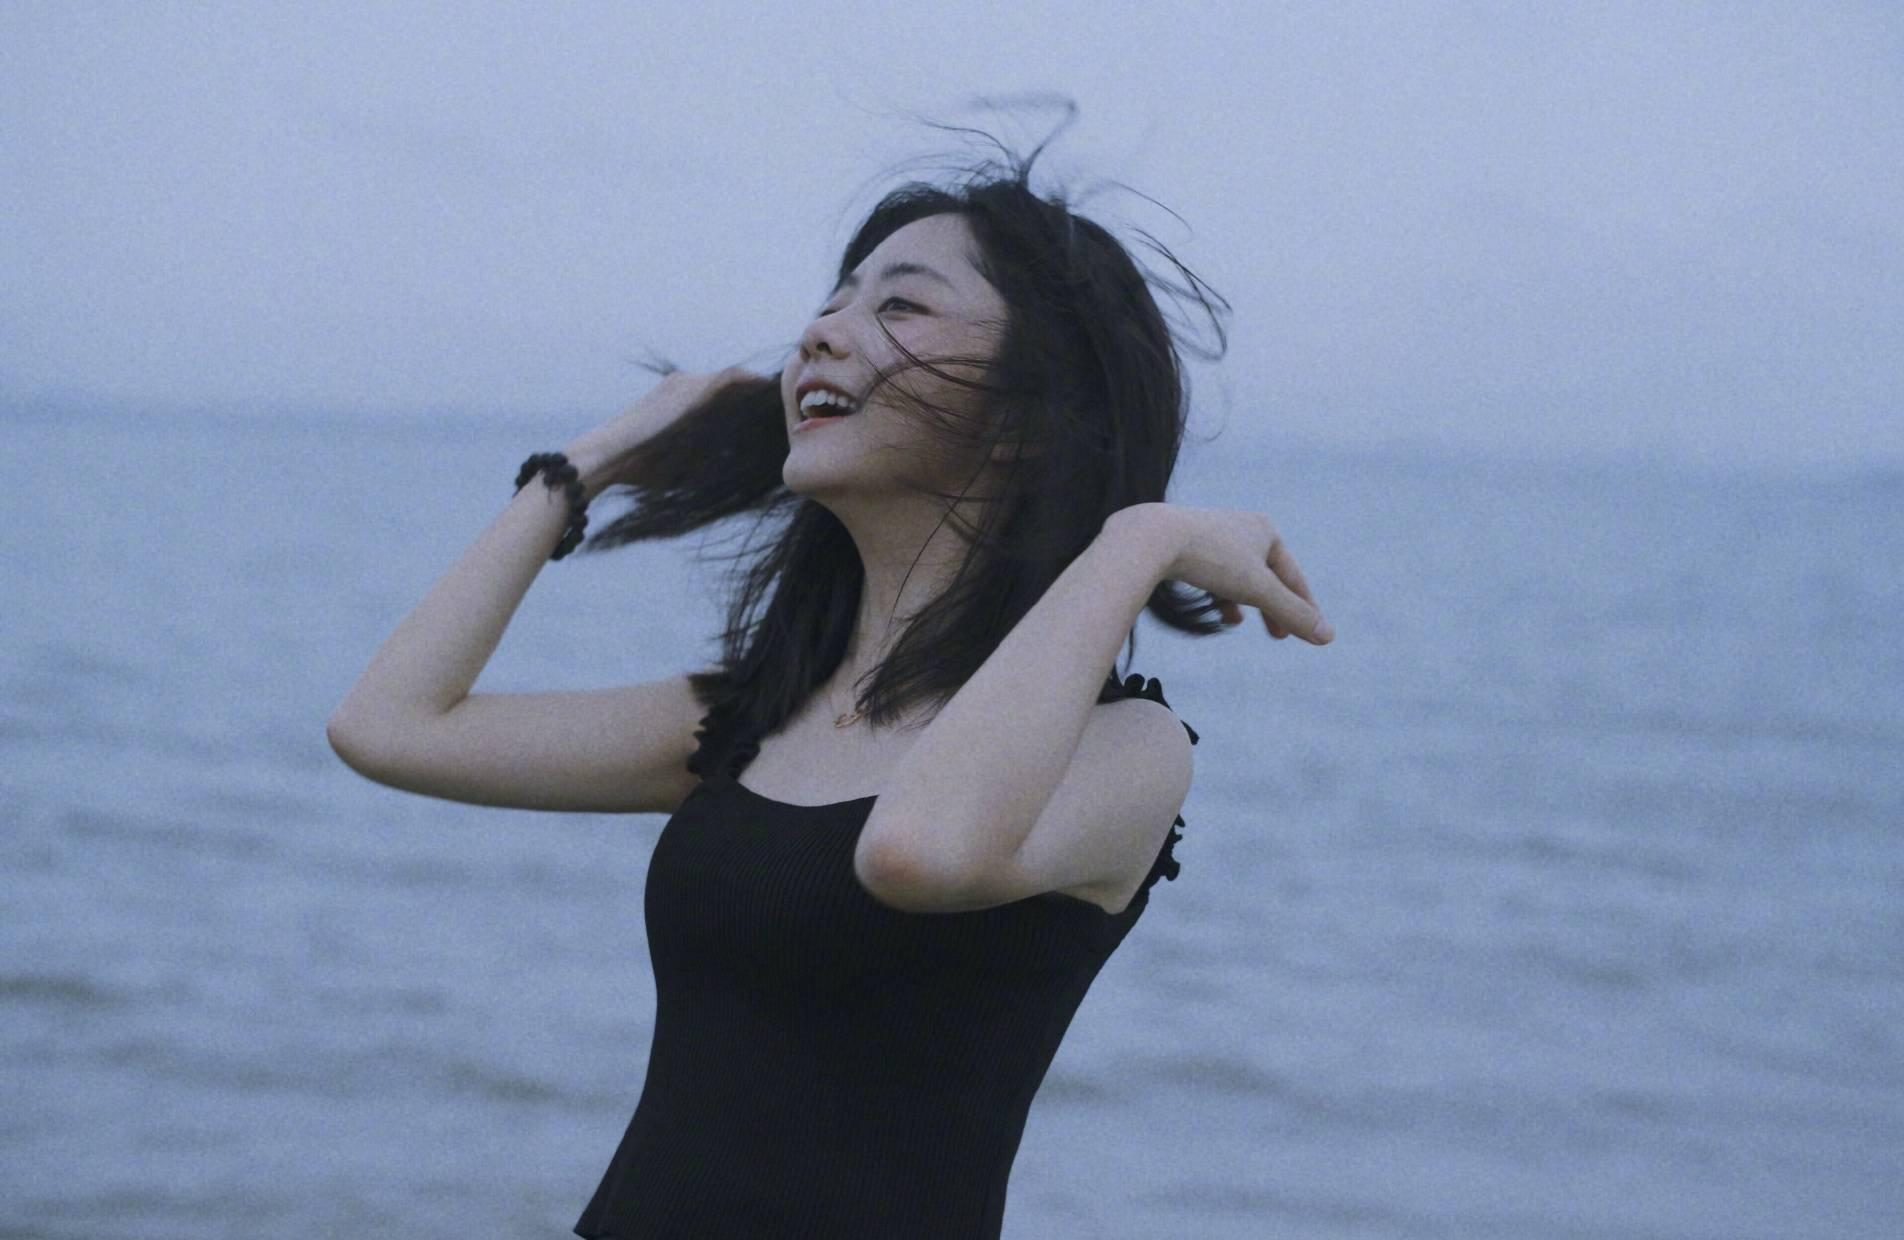 Đàm Tùng Vận hoang dại trong bộ ảnh mới, ánh mắt mơ màng khiến netizen 'chết tâm' 3